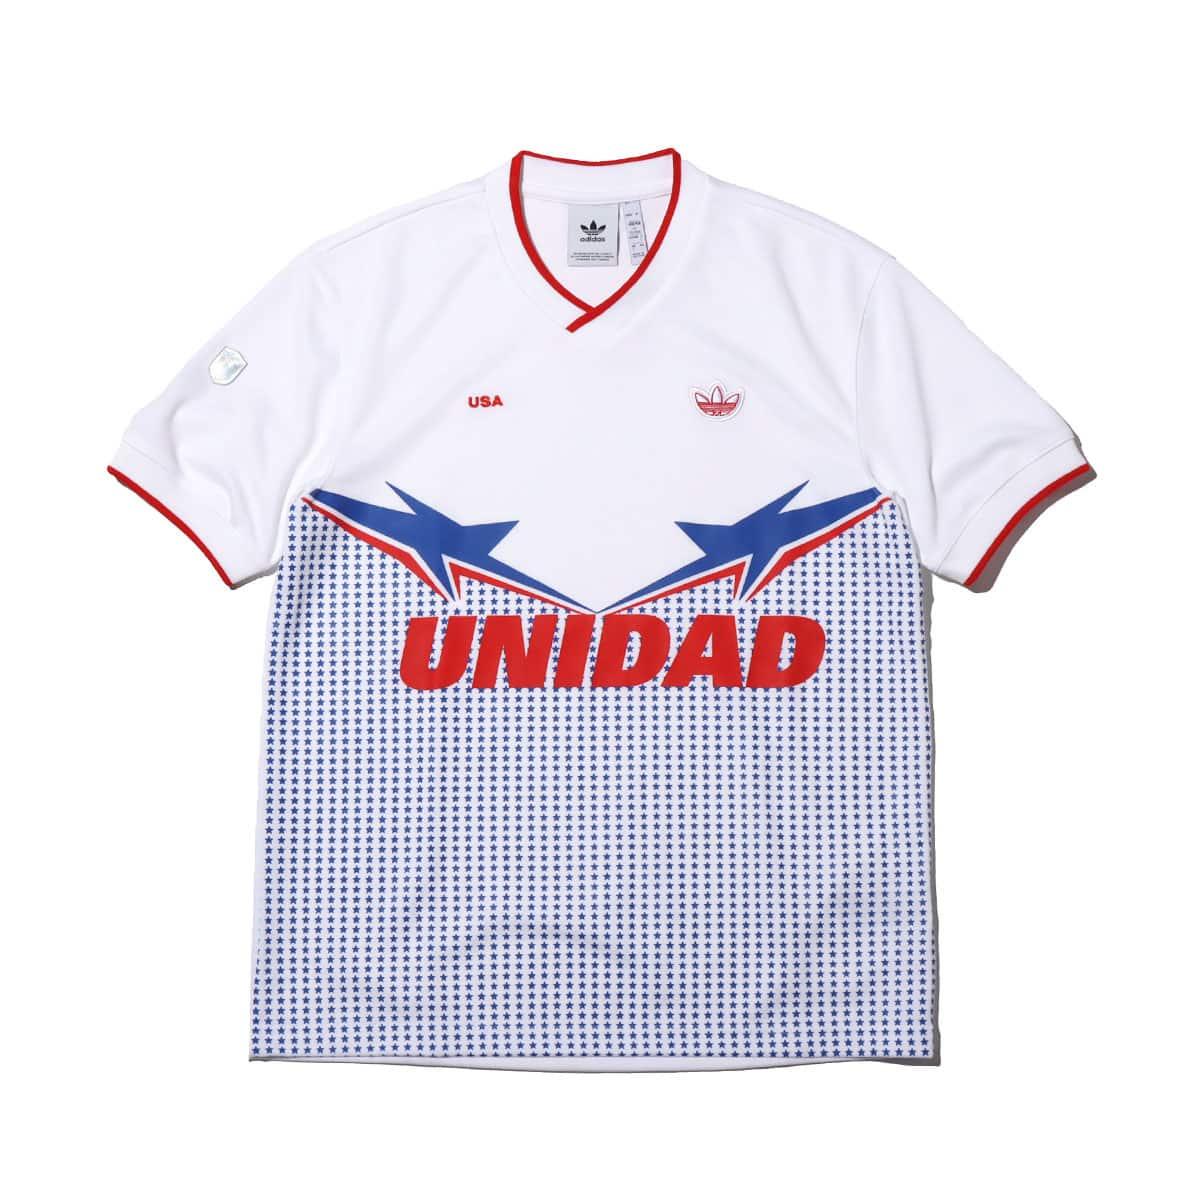 adidas USA DKTS JERSEY WHITE 20FW-I_photo_large